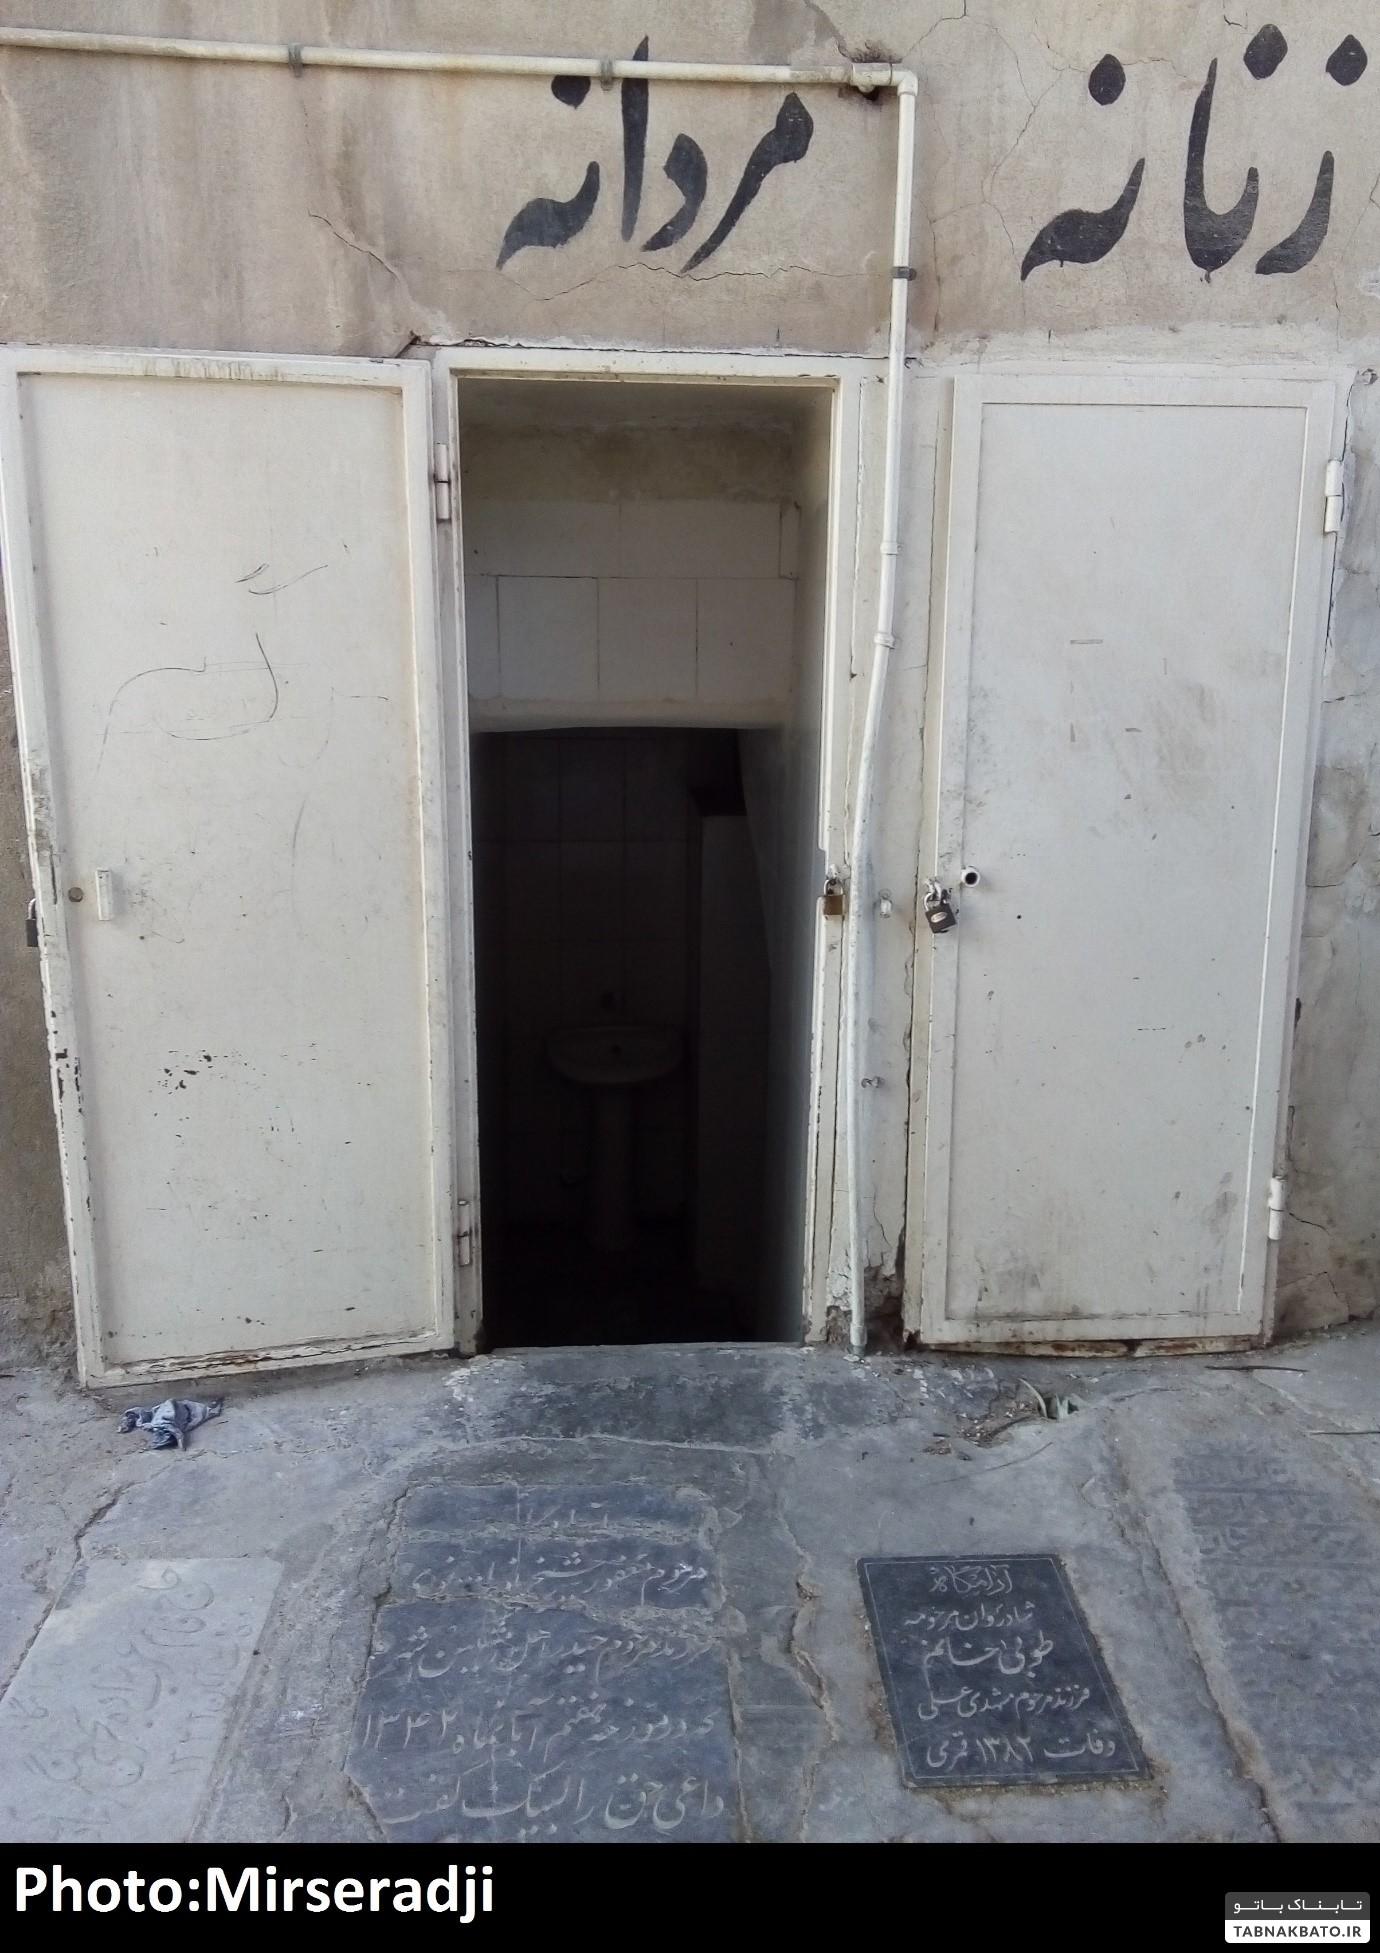 قبرهای عجیب در شهر قم